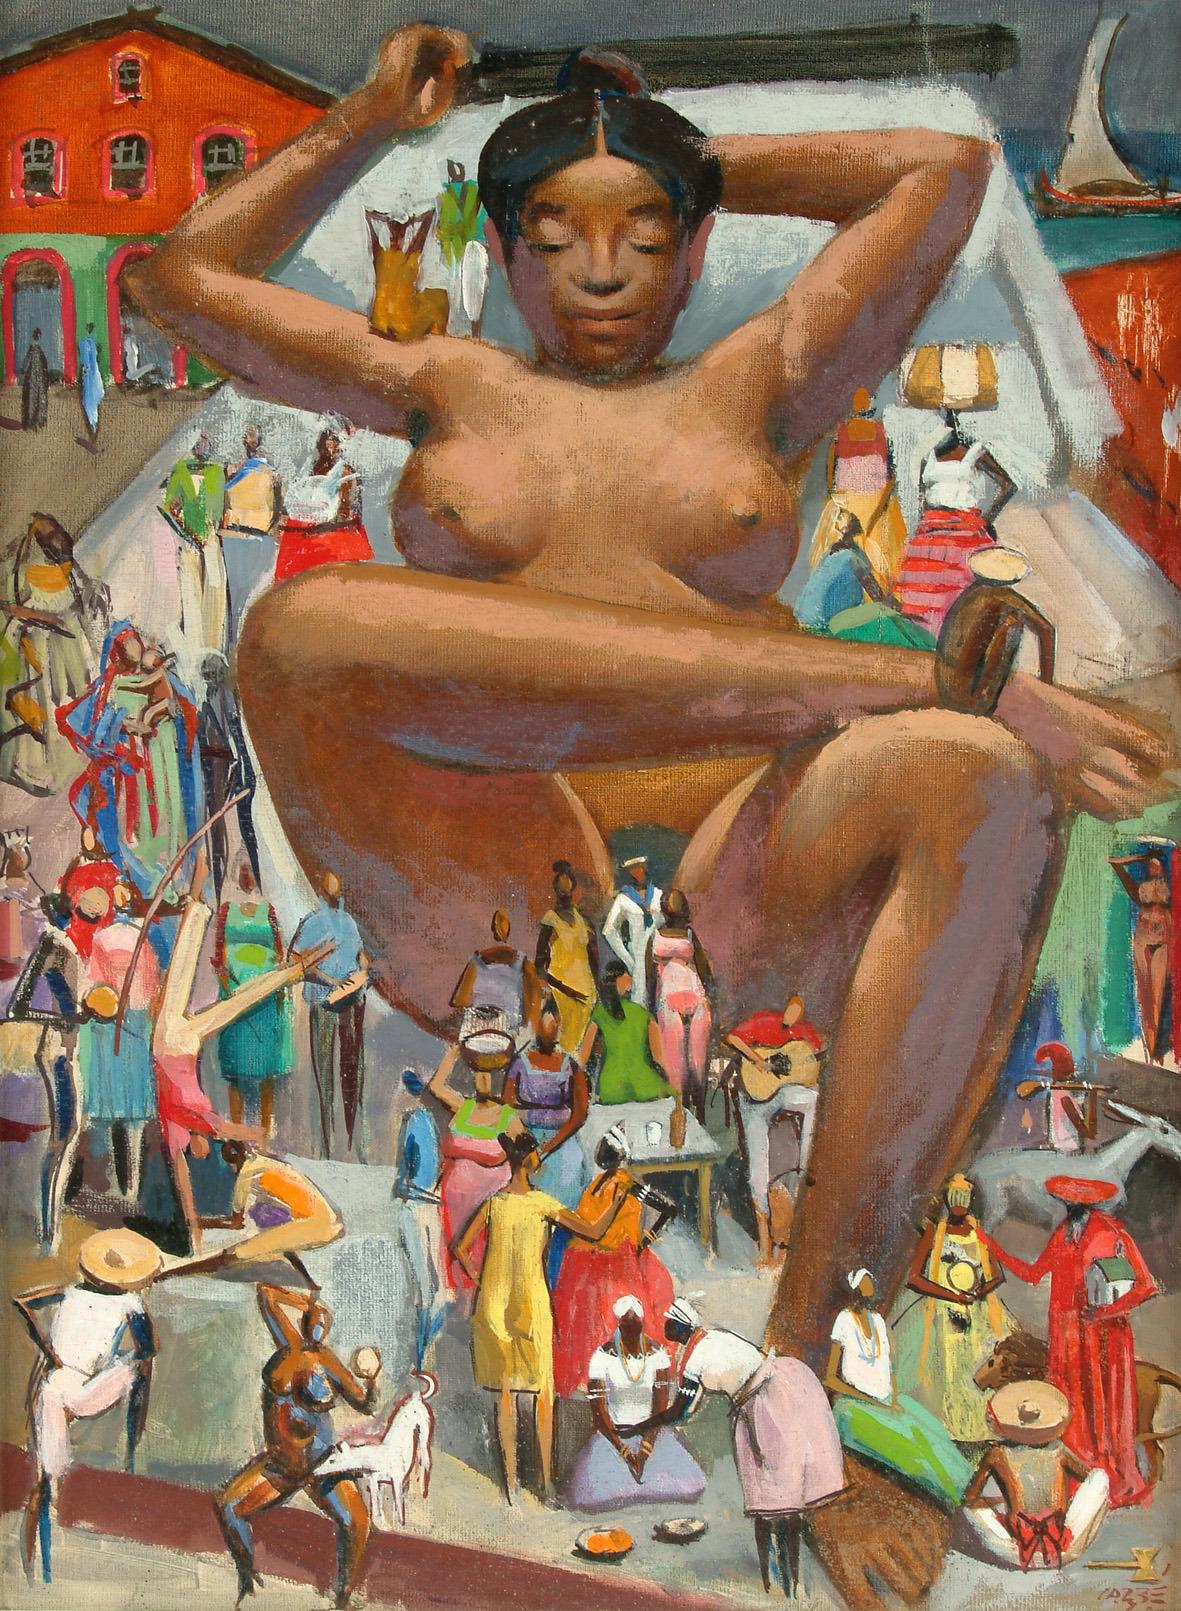 """mercurionaveia: """" Carybé  Mulata Grande, 1980 Óleo sobre tela 61 x 45 cm =-=-=-=-=-=-=-==-=-=-= Carybé É argentino, é brasileiro É quichua, é asteca, é Inca, é carioca por bossa Mas é baiano por fé. É amigo do mundo inteiro Menos de quem não dá..."""